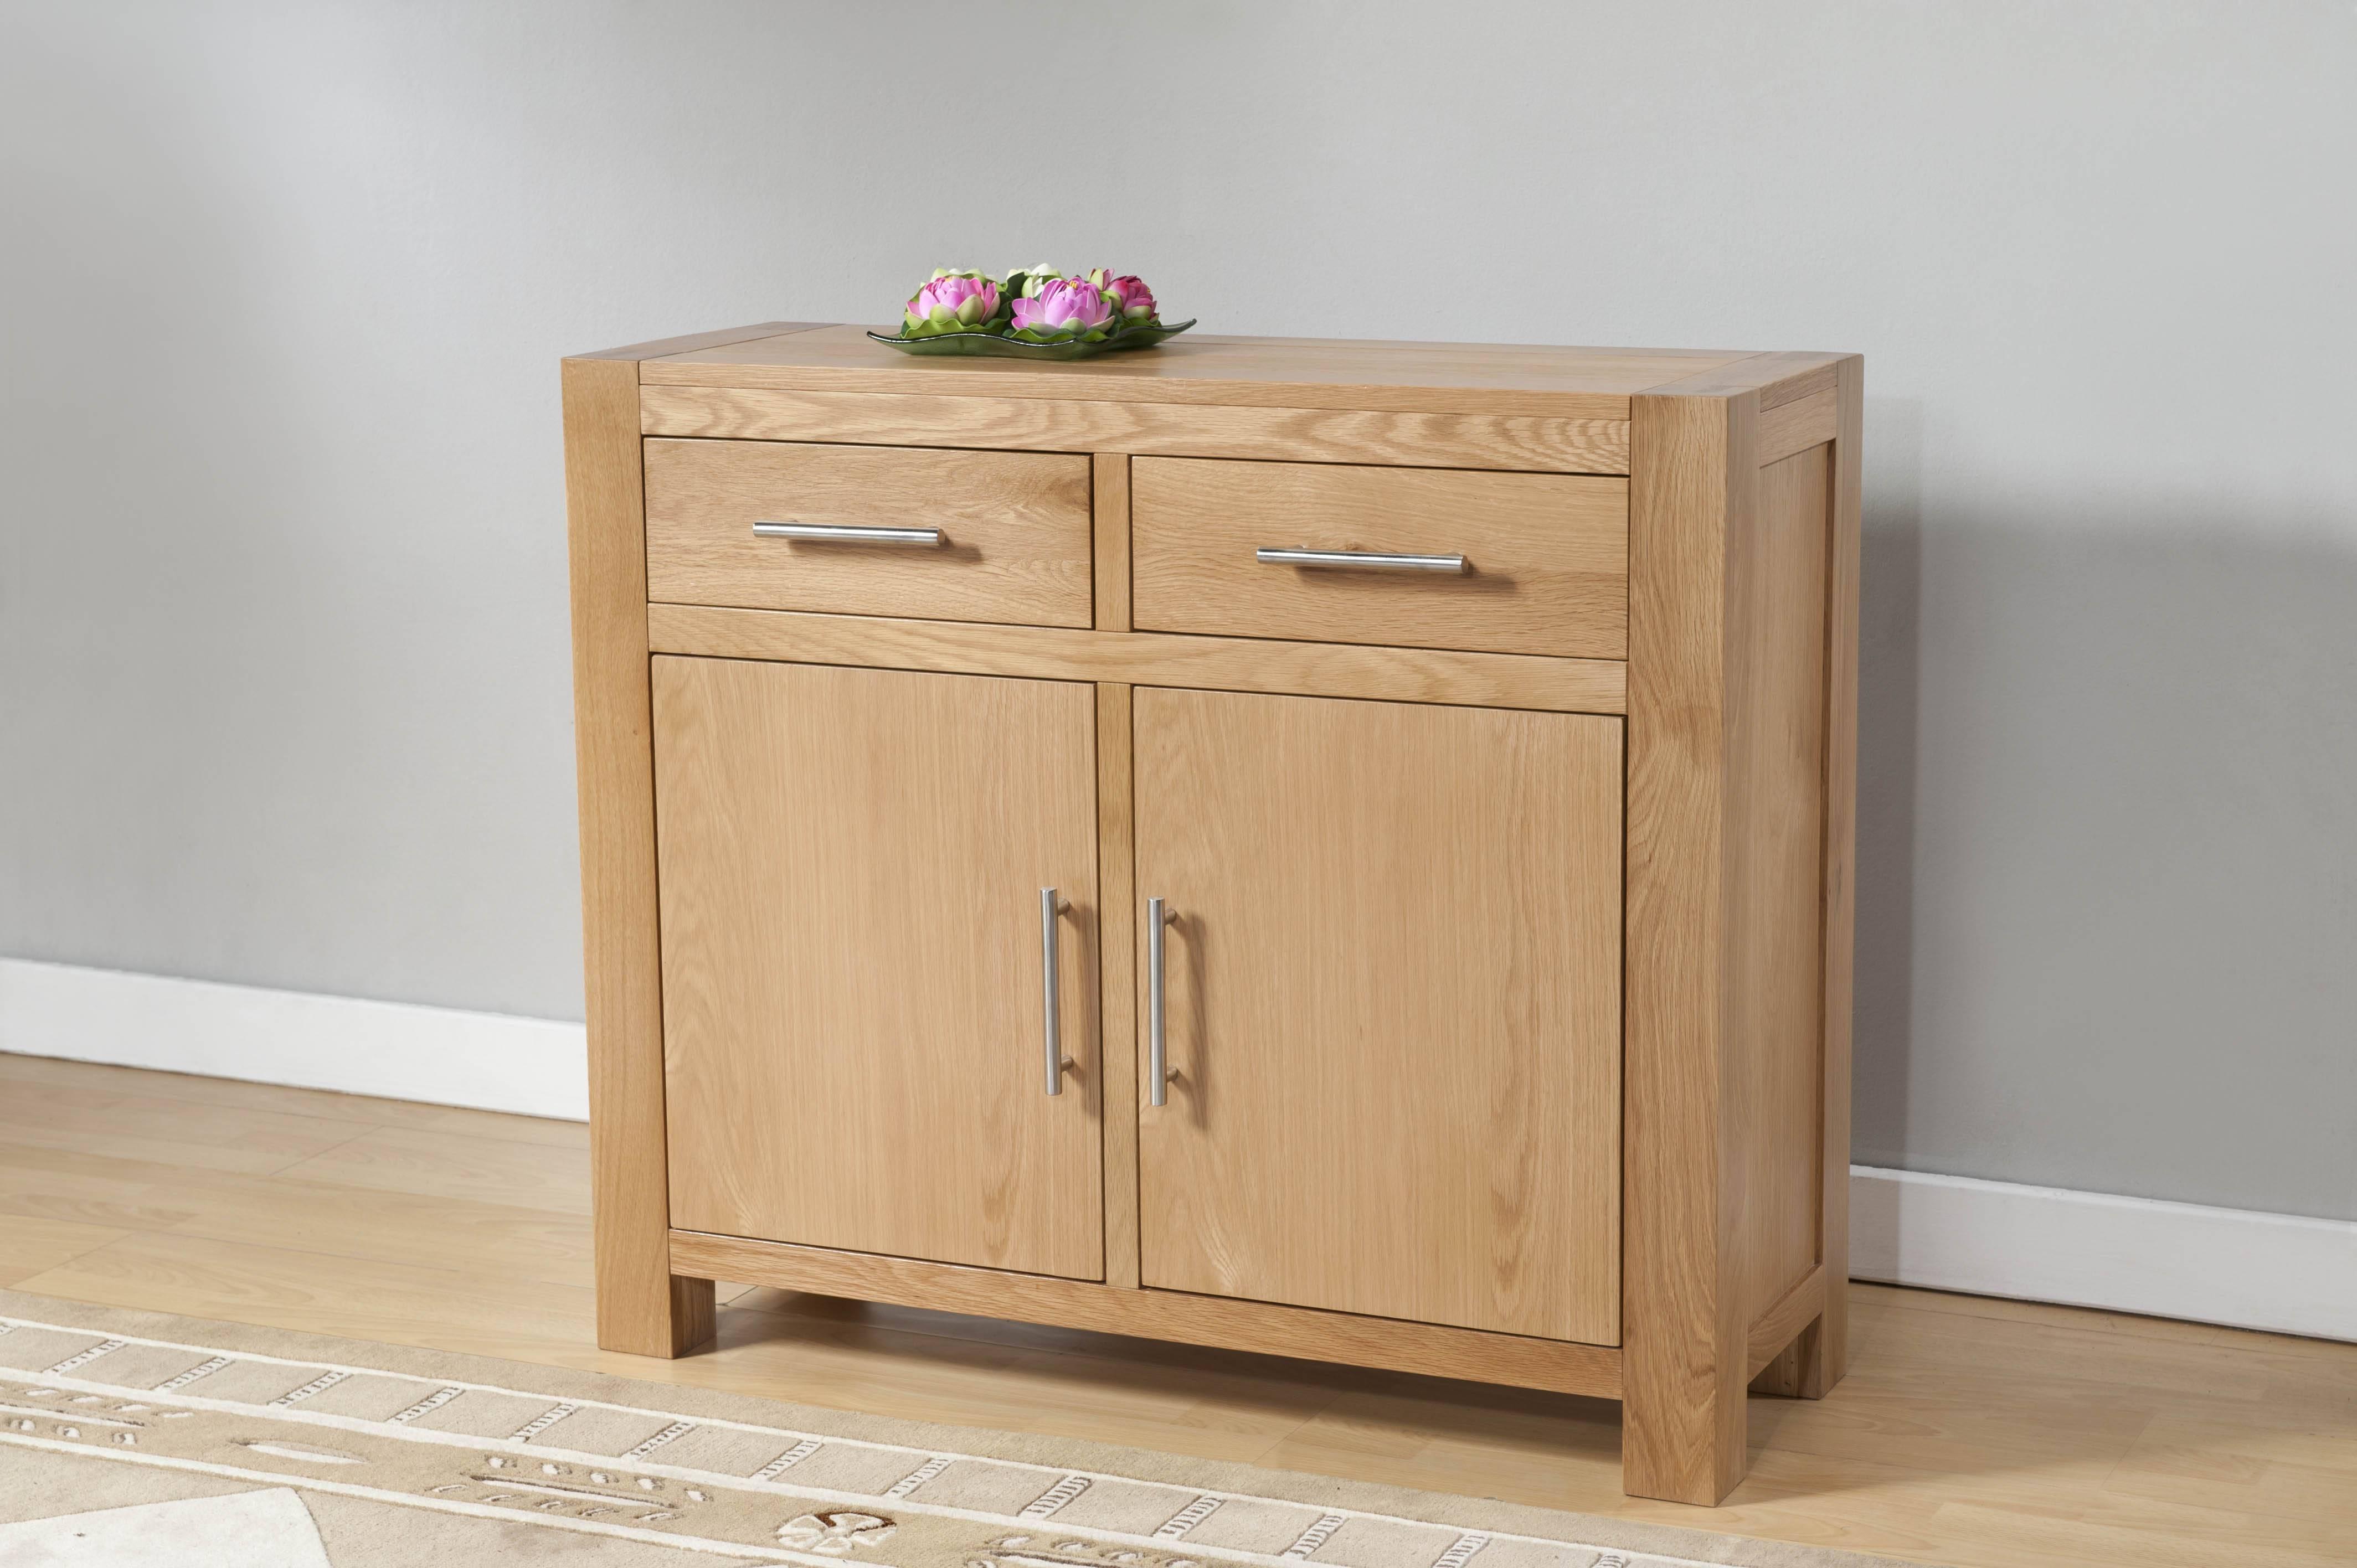 Milano Oak 2 Door 2 Drawer Small Sideboard | Oak Furniture Solutions For Small Sideboard With Drawers (#11 of 20)